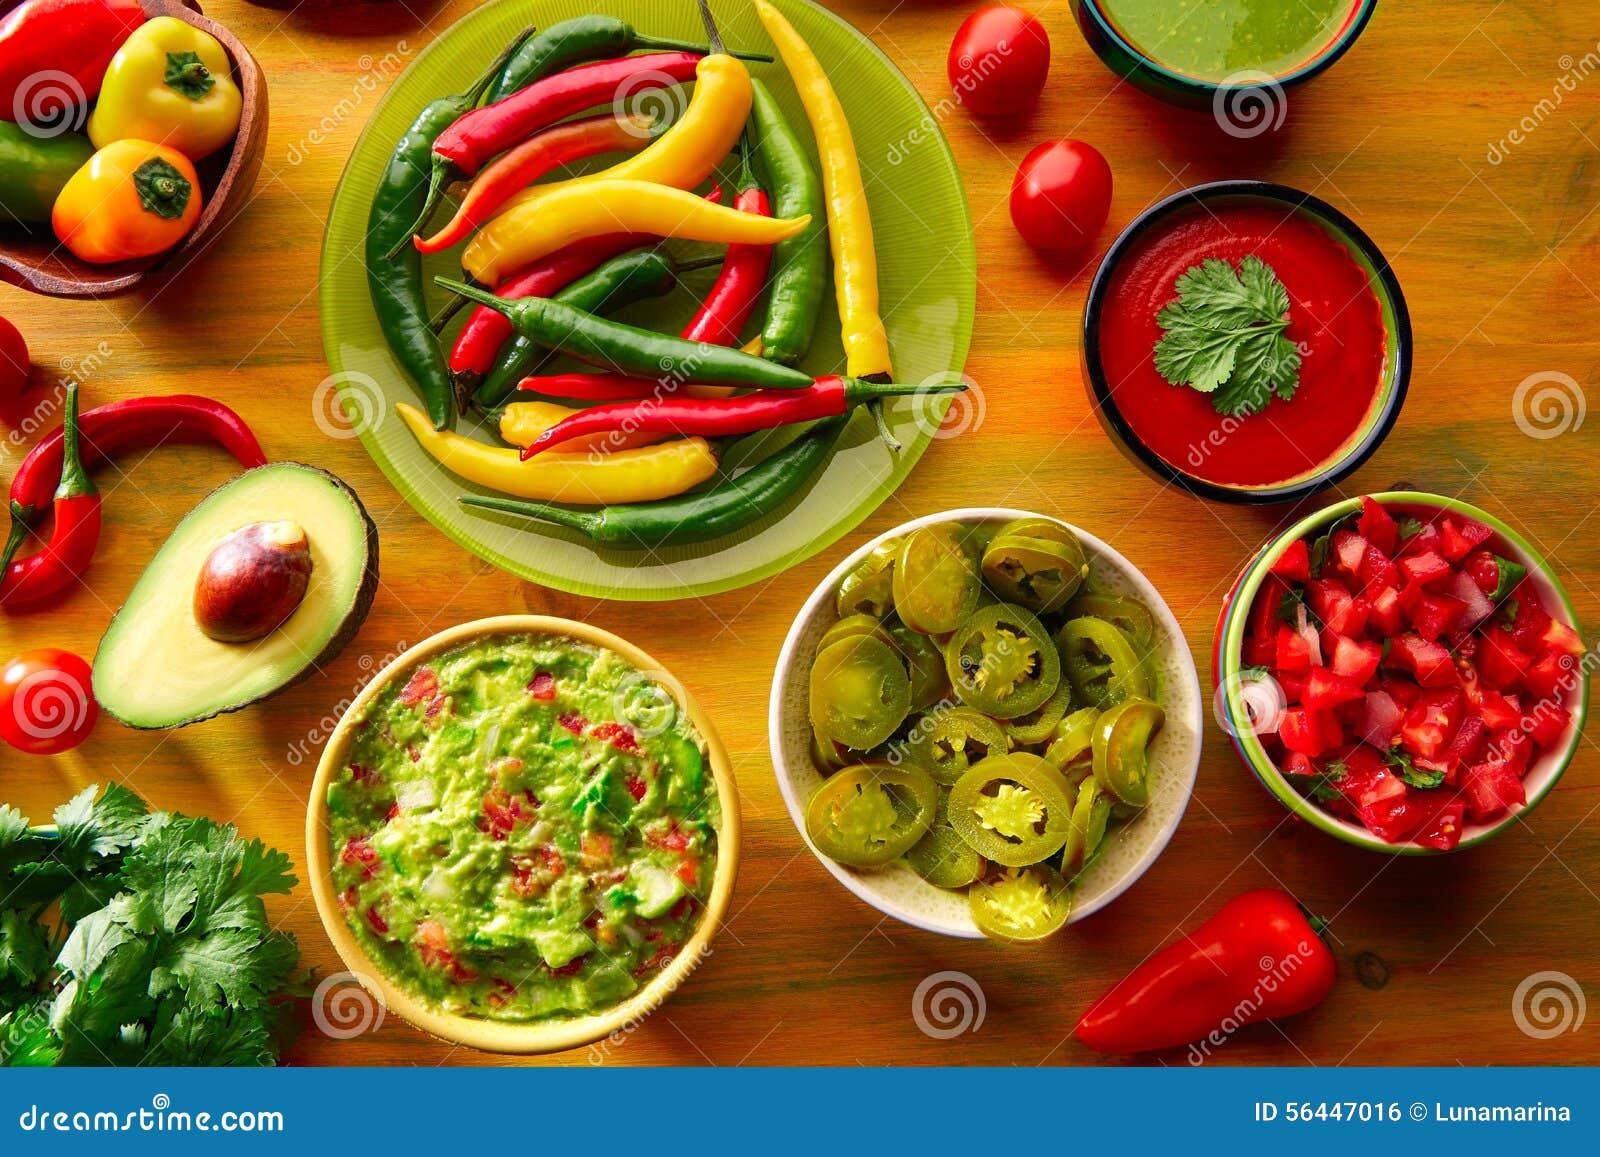 La comida mexicana mezcló la salsa de chile de los nachos del guacamole que  sumergía el queso cheddar lemon pico de Gallo eec8e7b8629